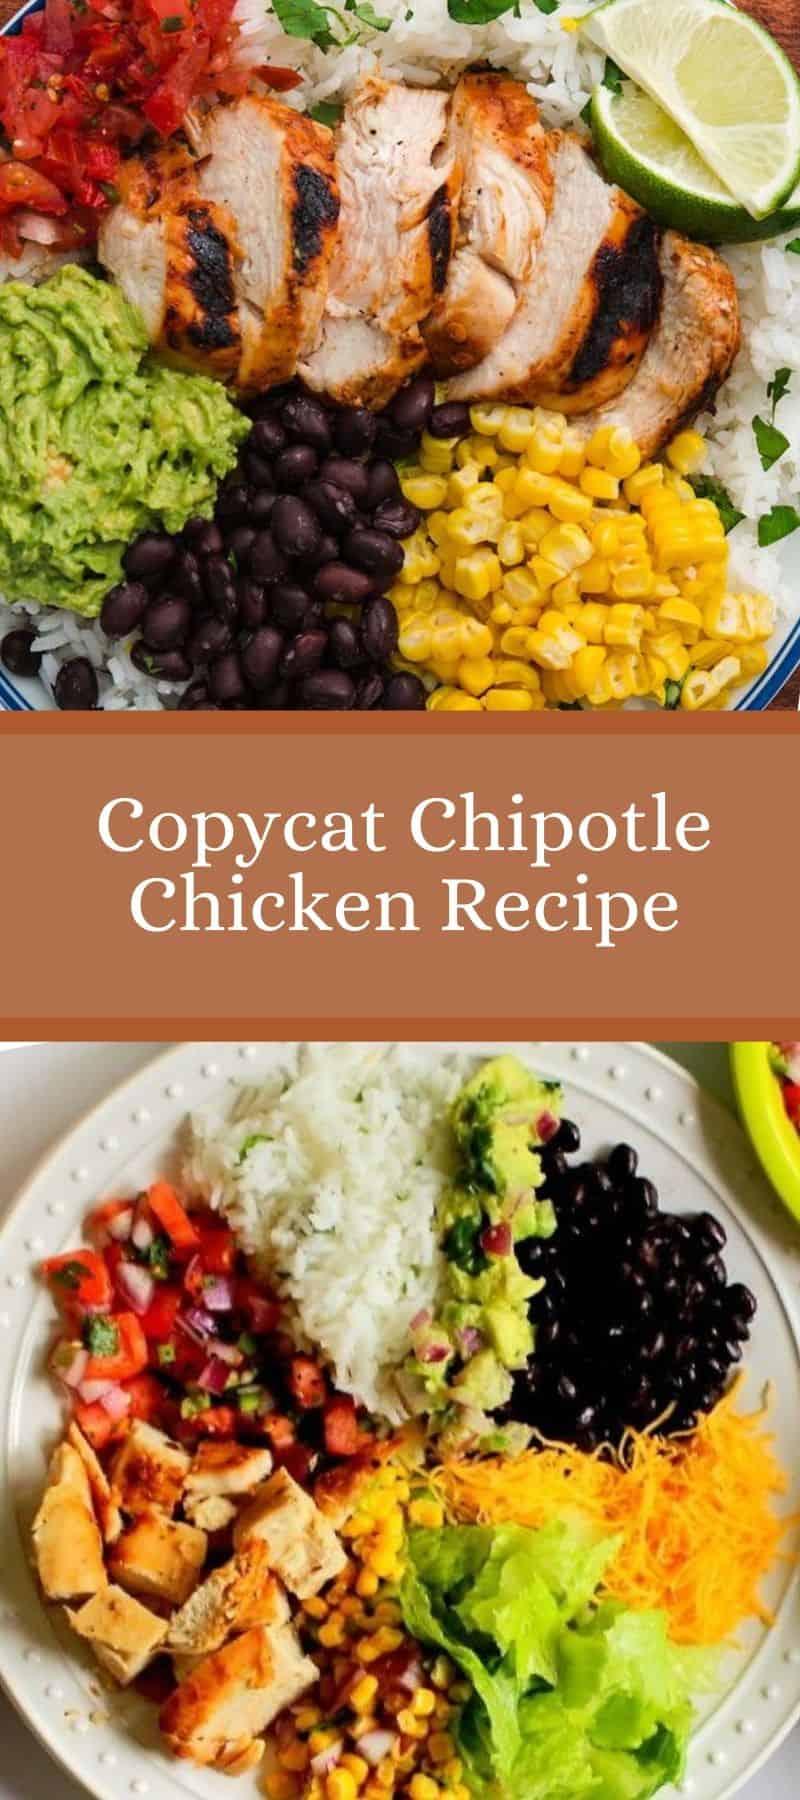 Copycat Chipotle Chicken Recipe 3